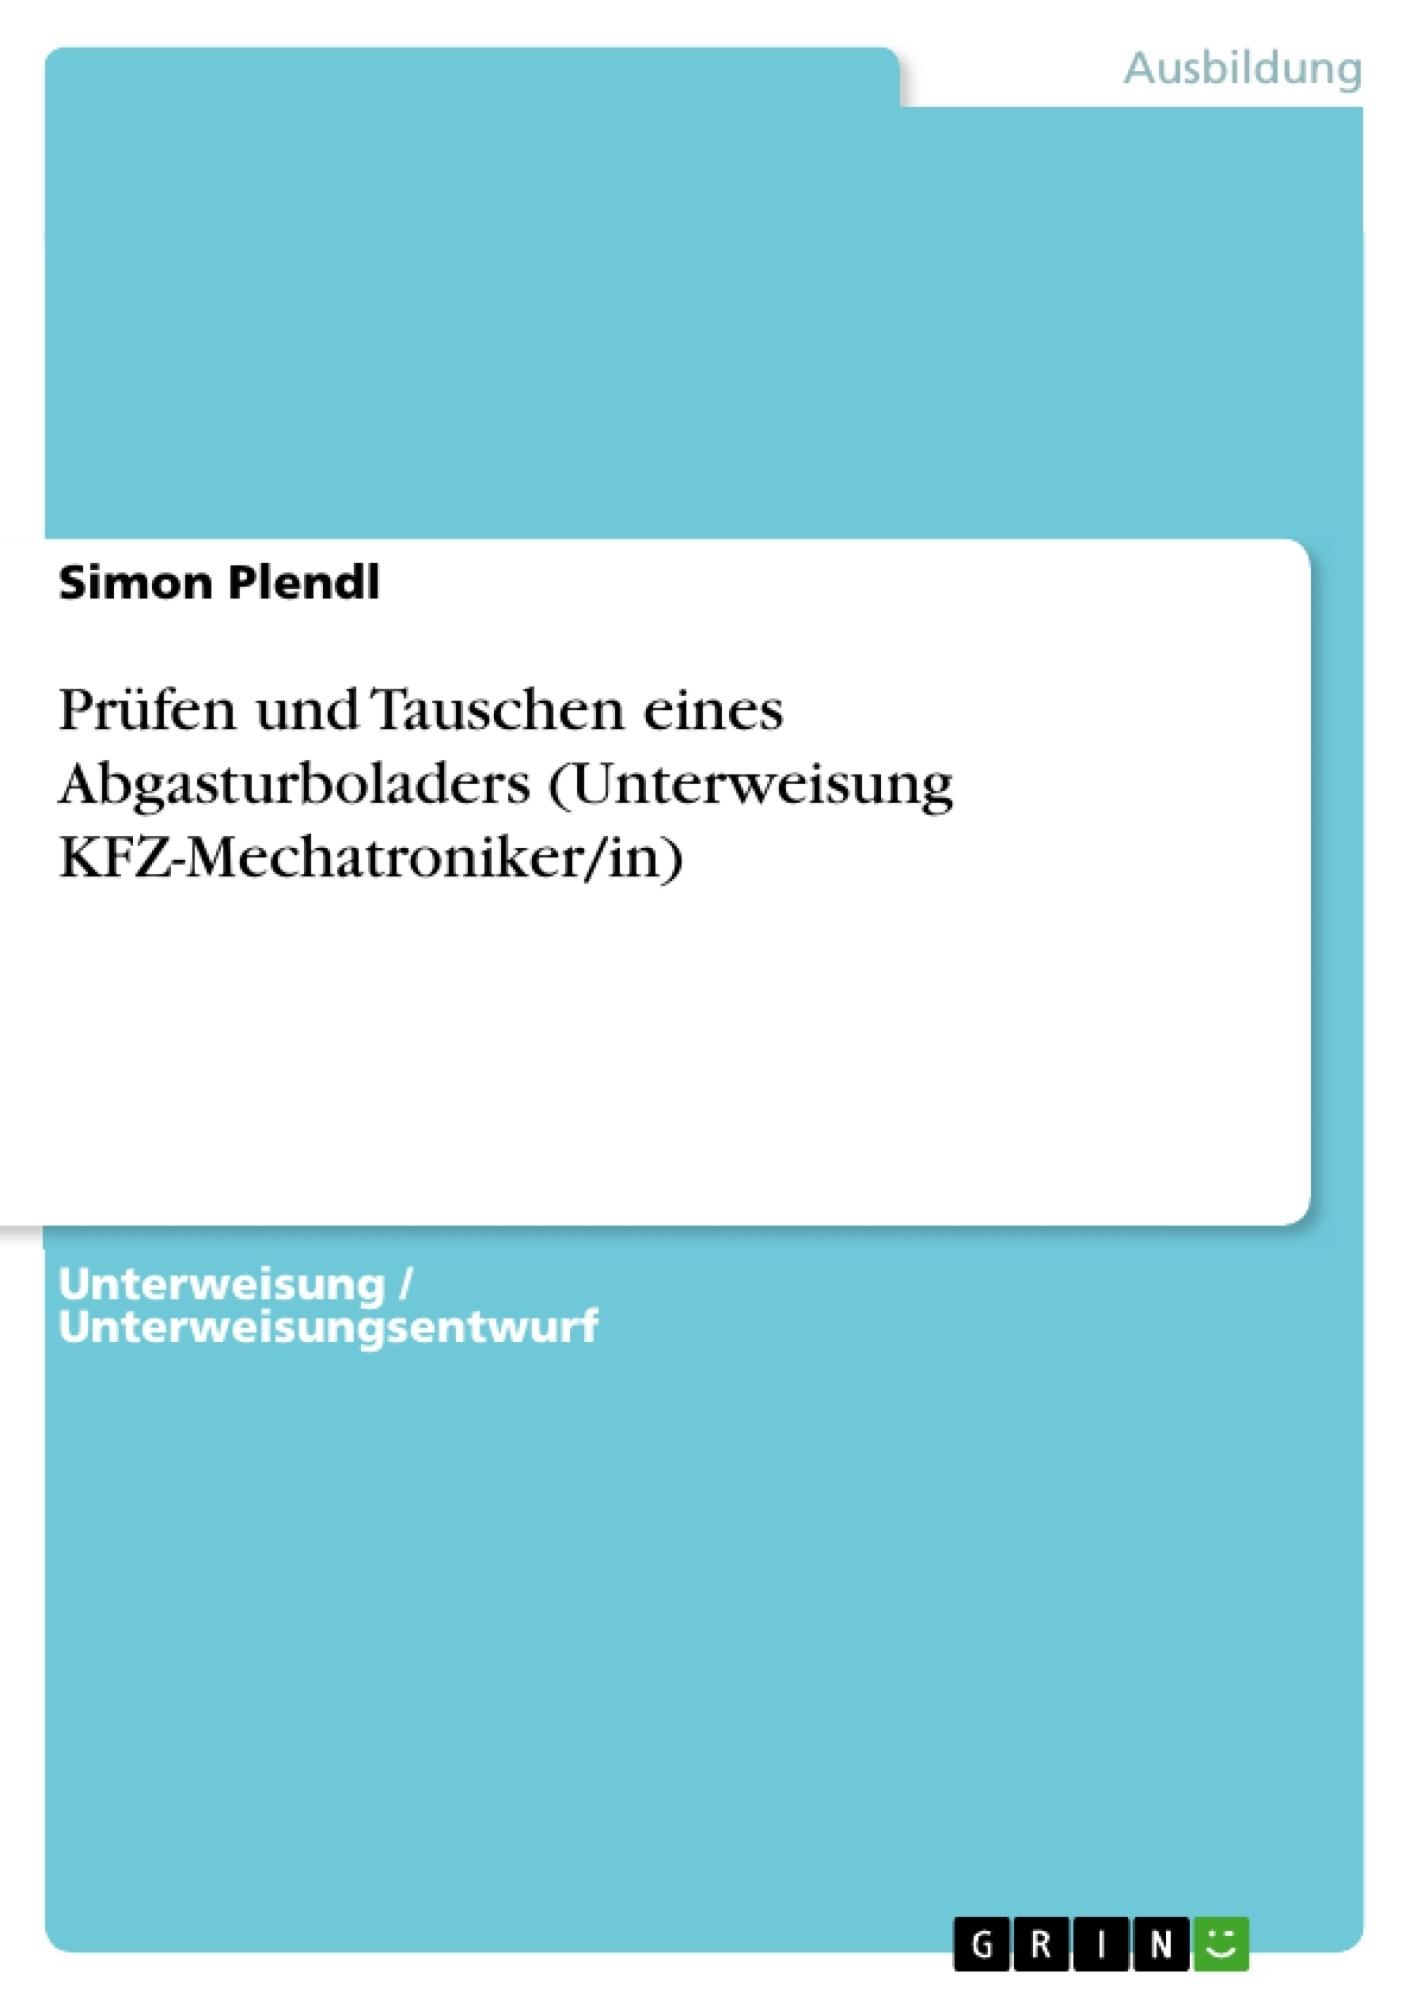 Titel: Prüfen und Tauschen eines Abgasturboladers (Unterweisung KFZ-Mechatroniker/in)